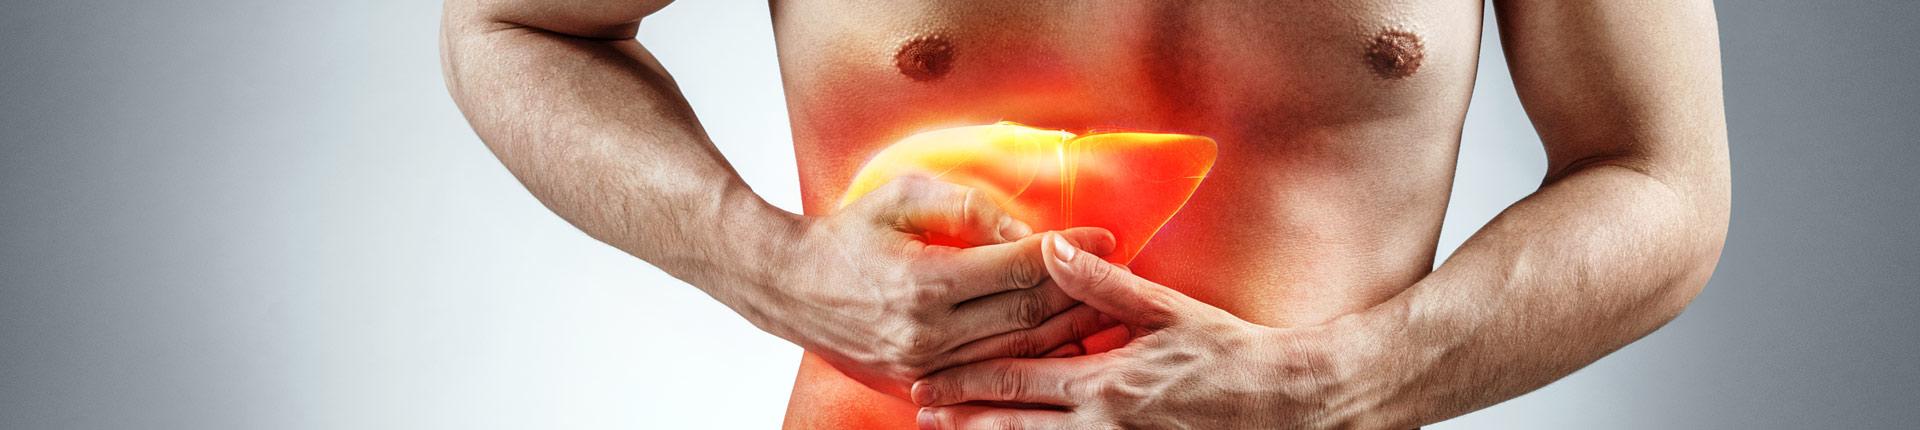 Objawy świadczące o uszkodzeniu wątroby